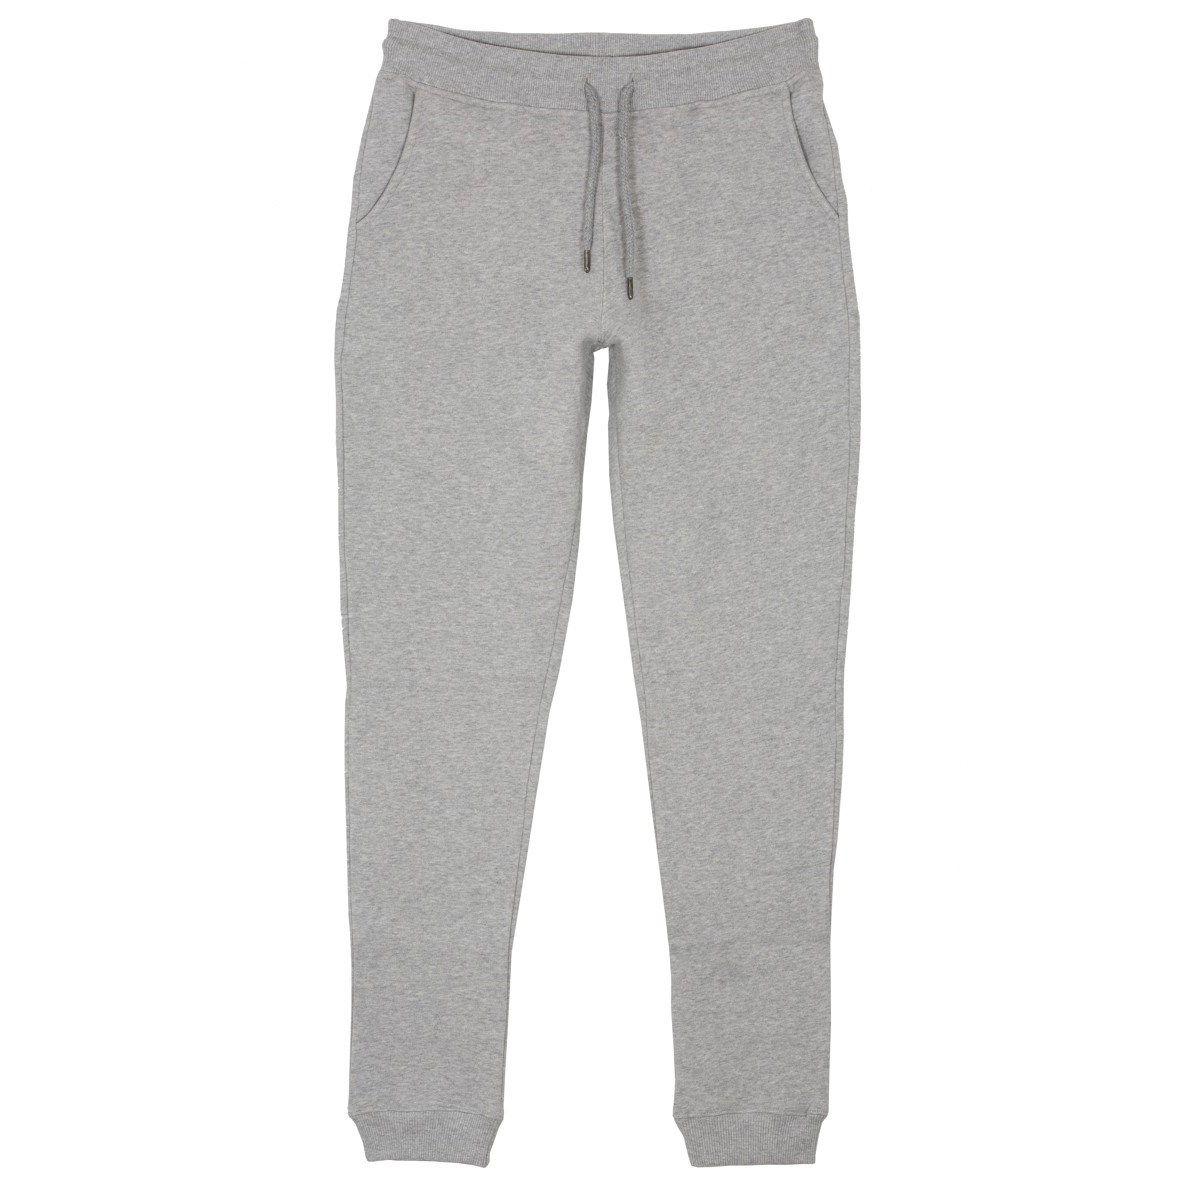 Pantalon molleton JOG PANT